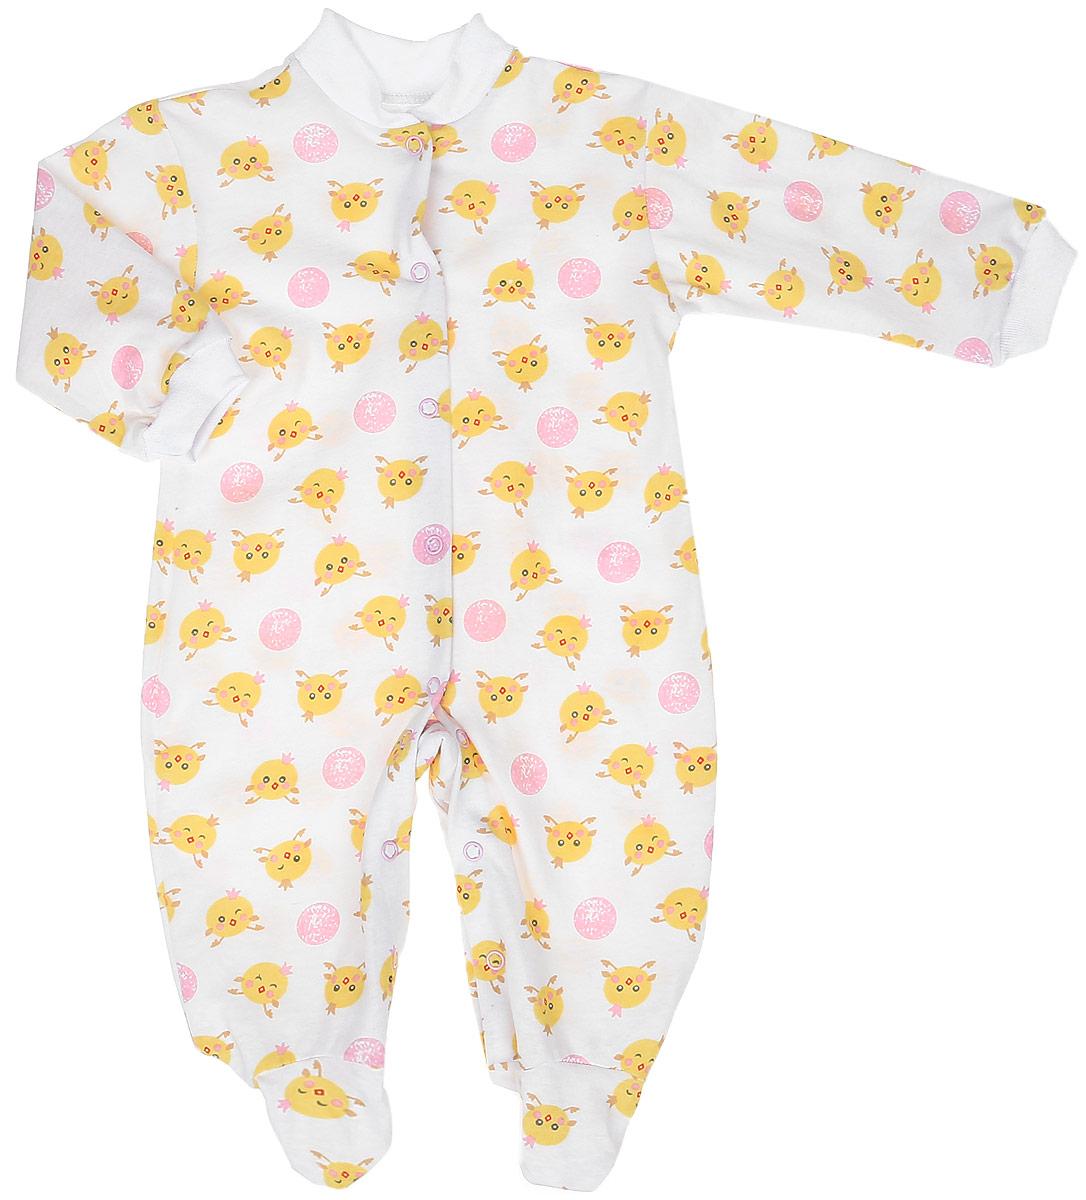 Комбинезон детский Чудесные одежки, цвет: белый, розовый. 5801. Размер 625801Удобный детский комбинезон Чудесные одежки выполнен из натурального хлопка.Комбинезон с небольшим воротником-стойкой, длинными рукавами и закрытыми ножками имеет застежки-кнопки спереди и на ластовице, которые помогают легко переодеть младенца или сменить подгузник. Воротничок и манжеты на рукавах выполнены из трикотажной эластичной резинки. Изделие оформлено принтом с изображением цыплят.